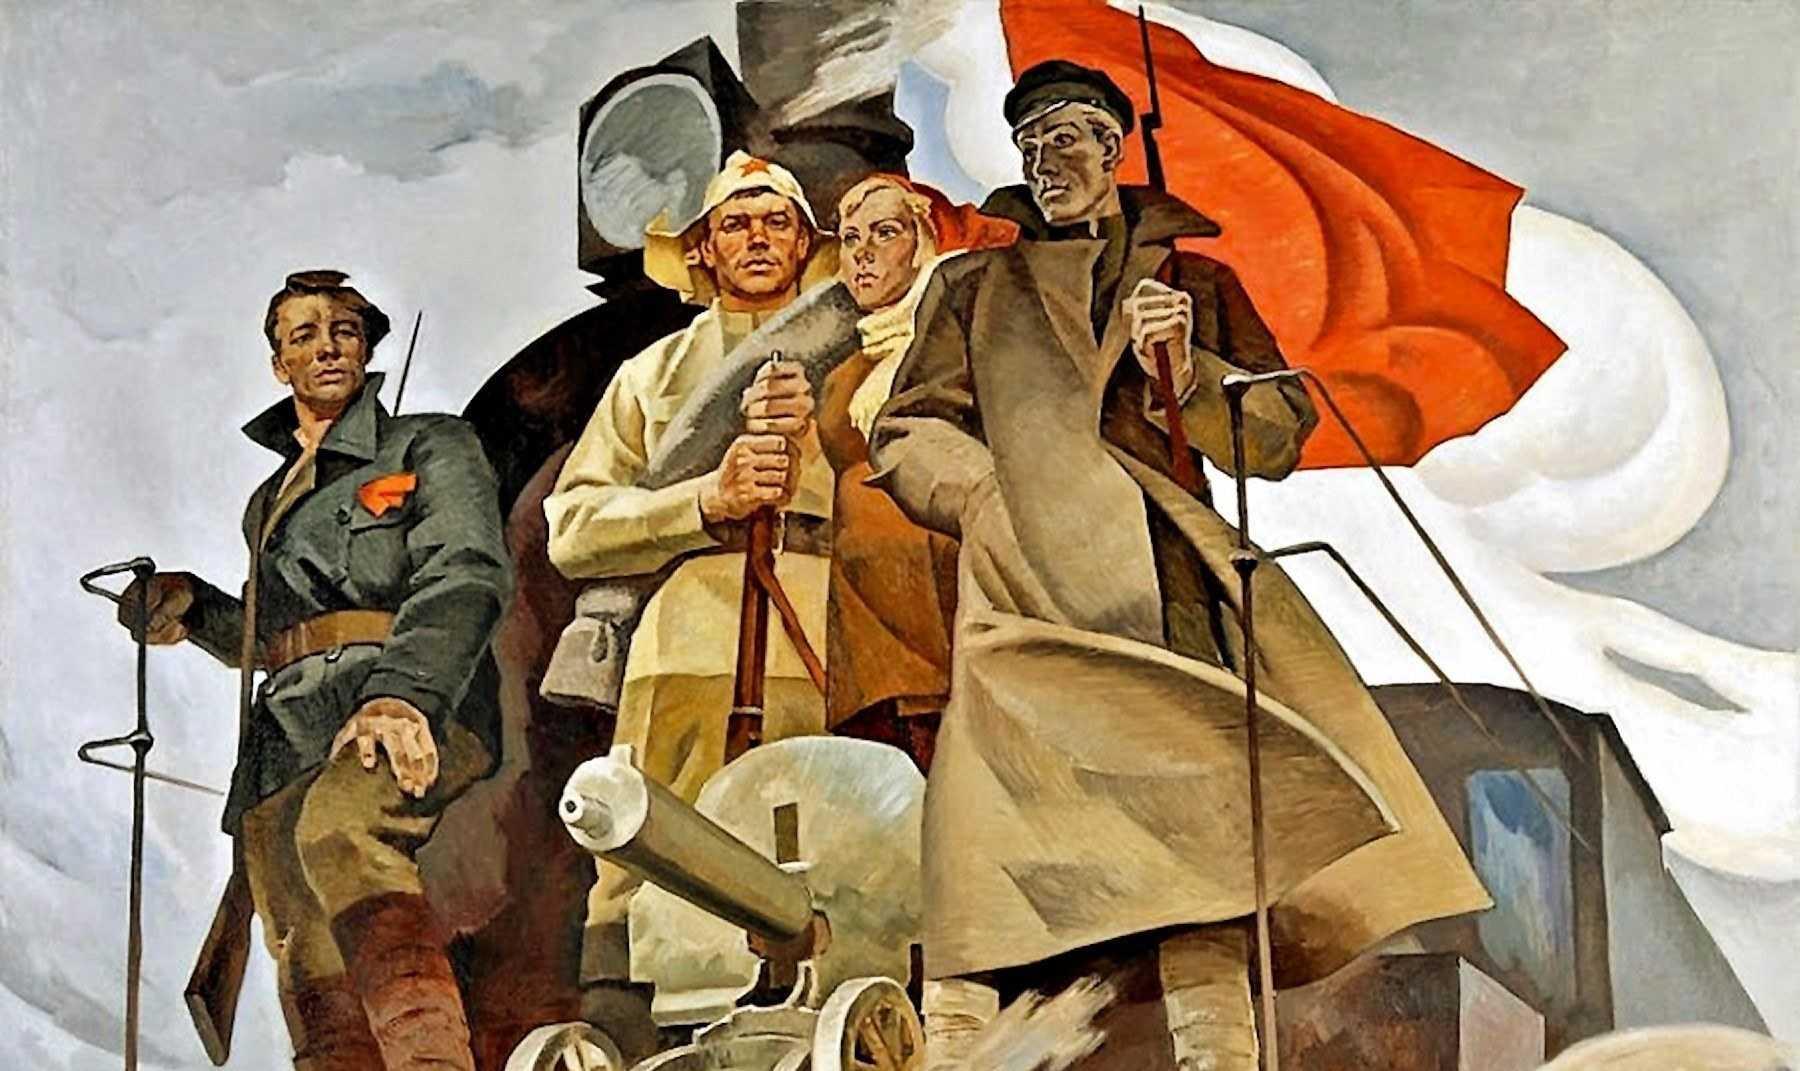 Bolșevicii s-au întors și nu vor pleca prea devreme. Ce-i de făcut?